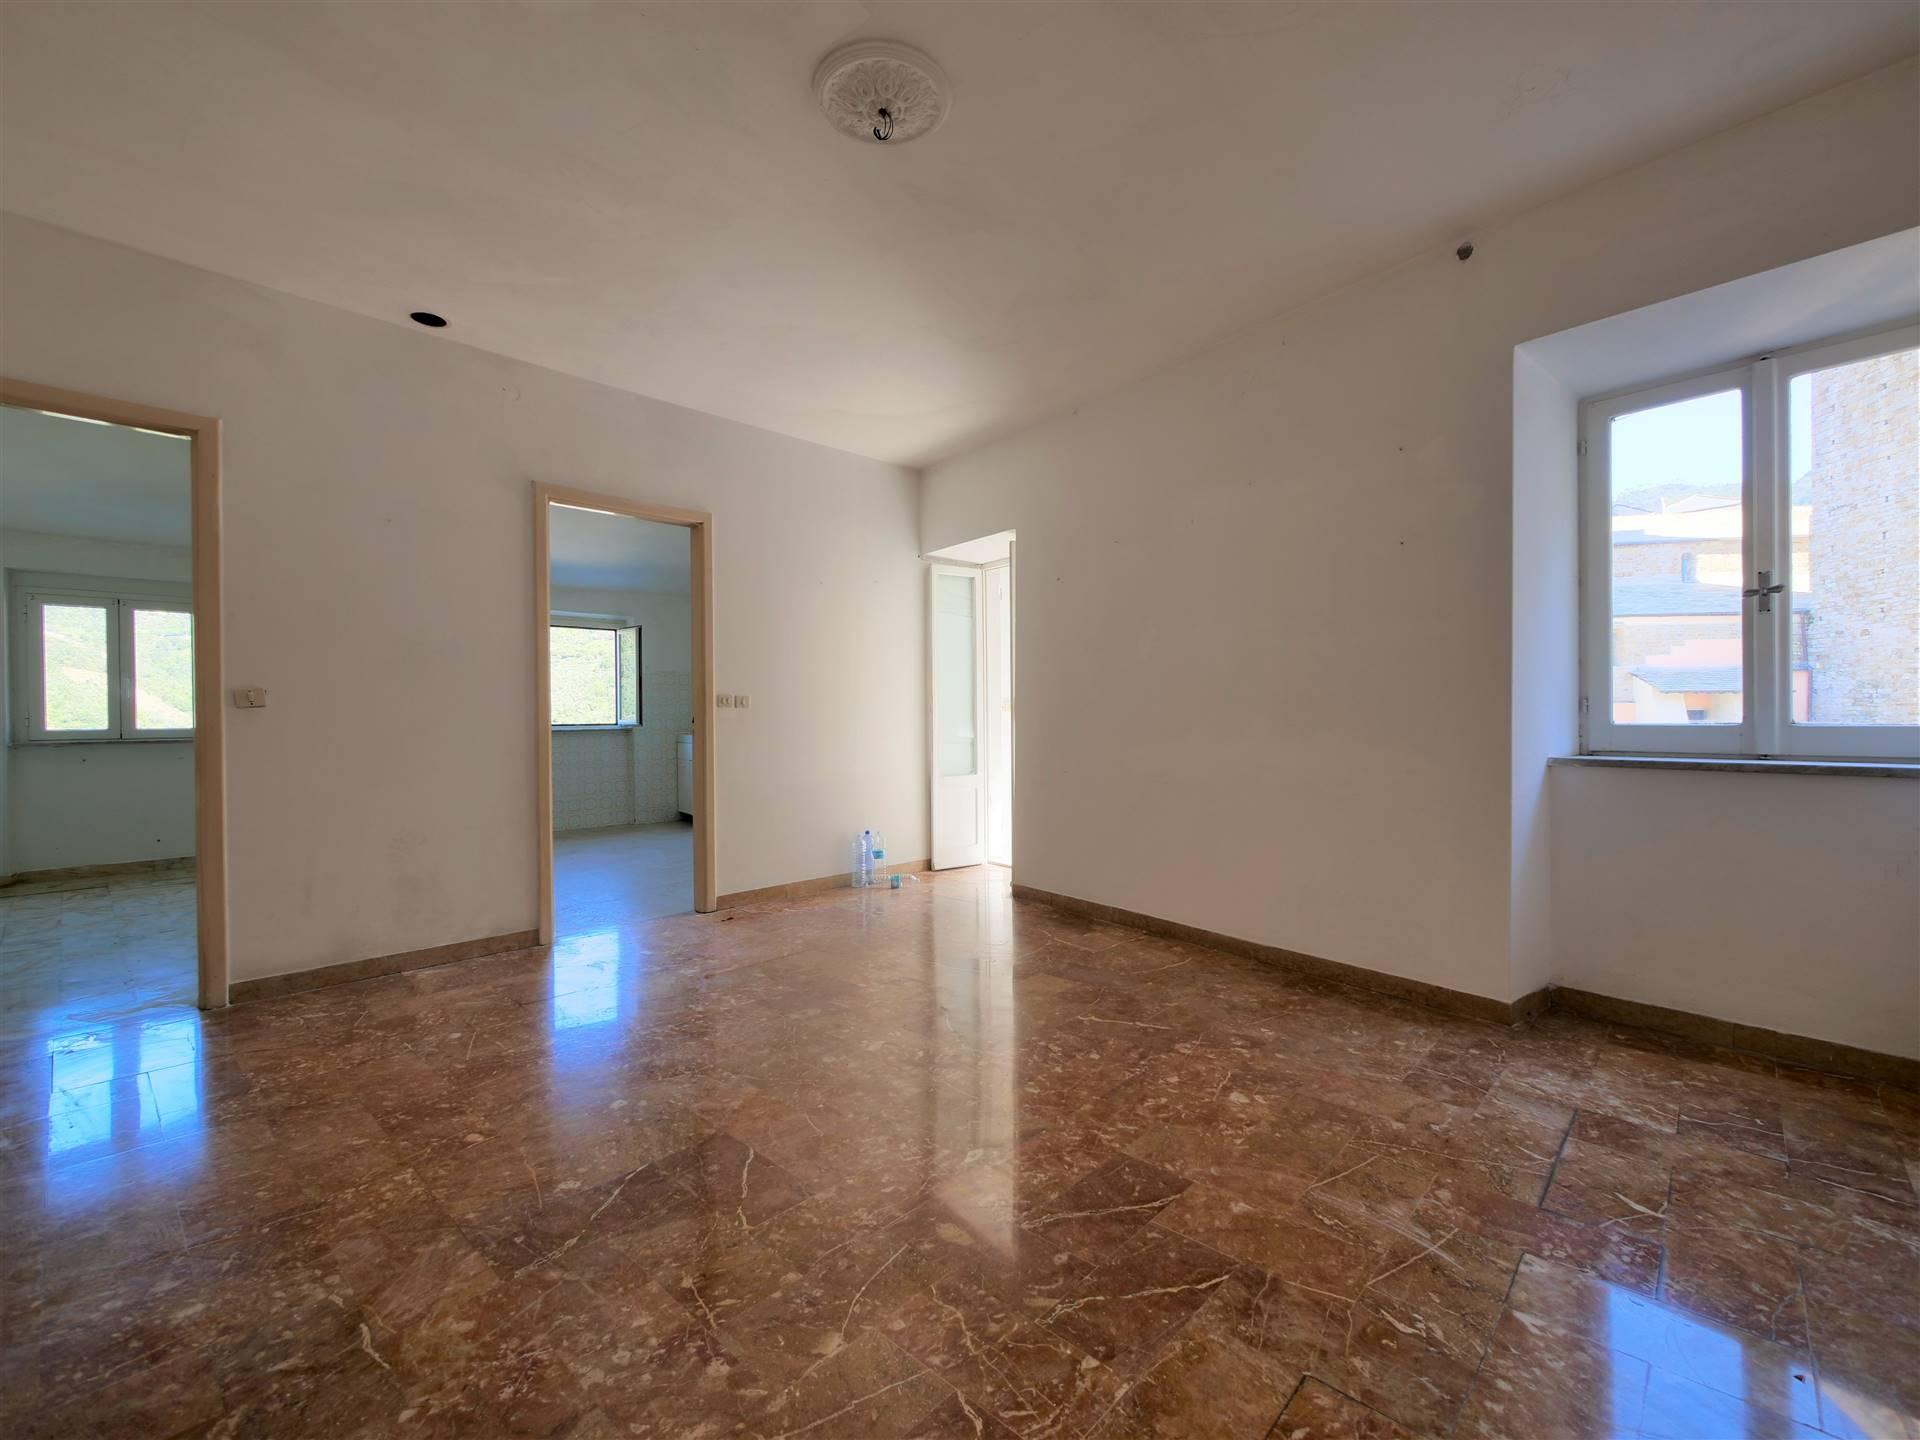 Appartamento in vendita a Levanto, 6 locali, prezzo € 270.000   PortaleAgenzieImmobiliari.it